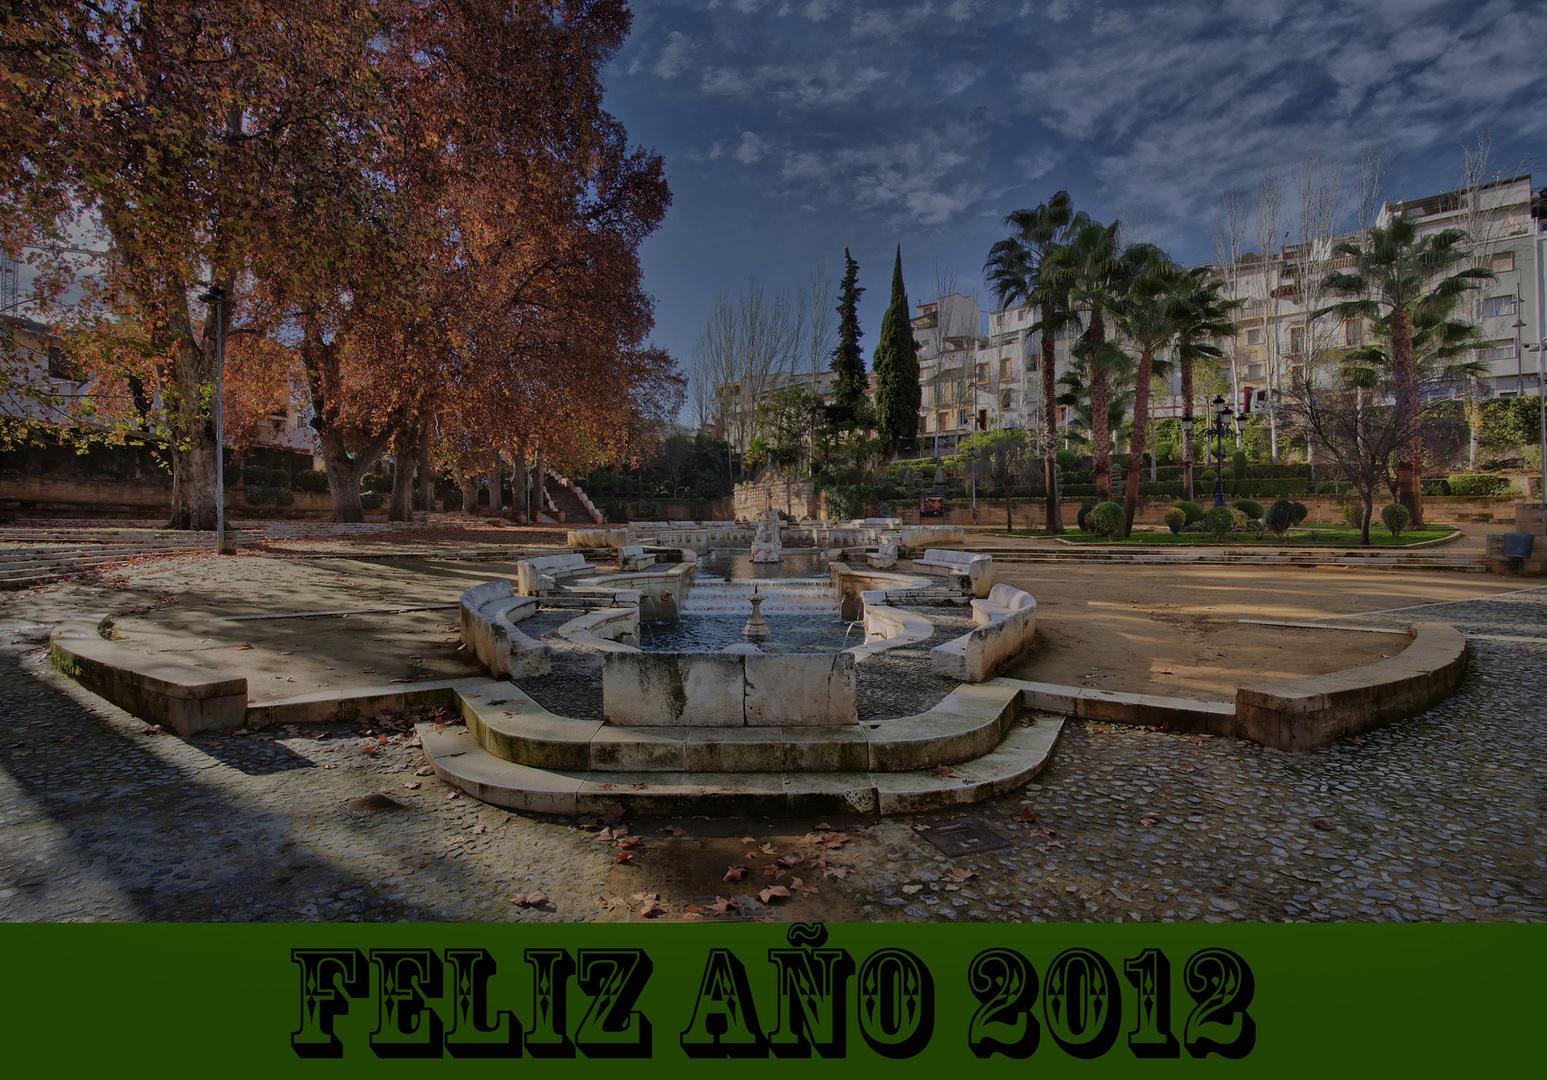 FELIZ AÑO NUEVO 2012 PARA TODOS LOS MIEMBR@S F.C.